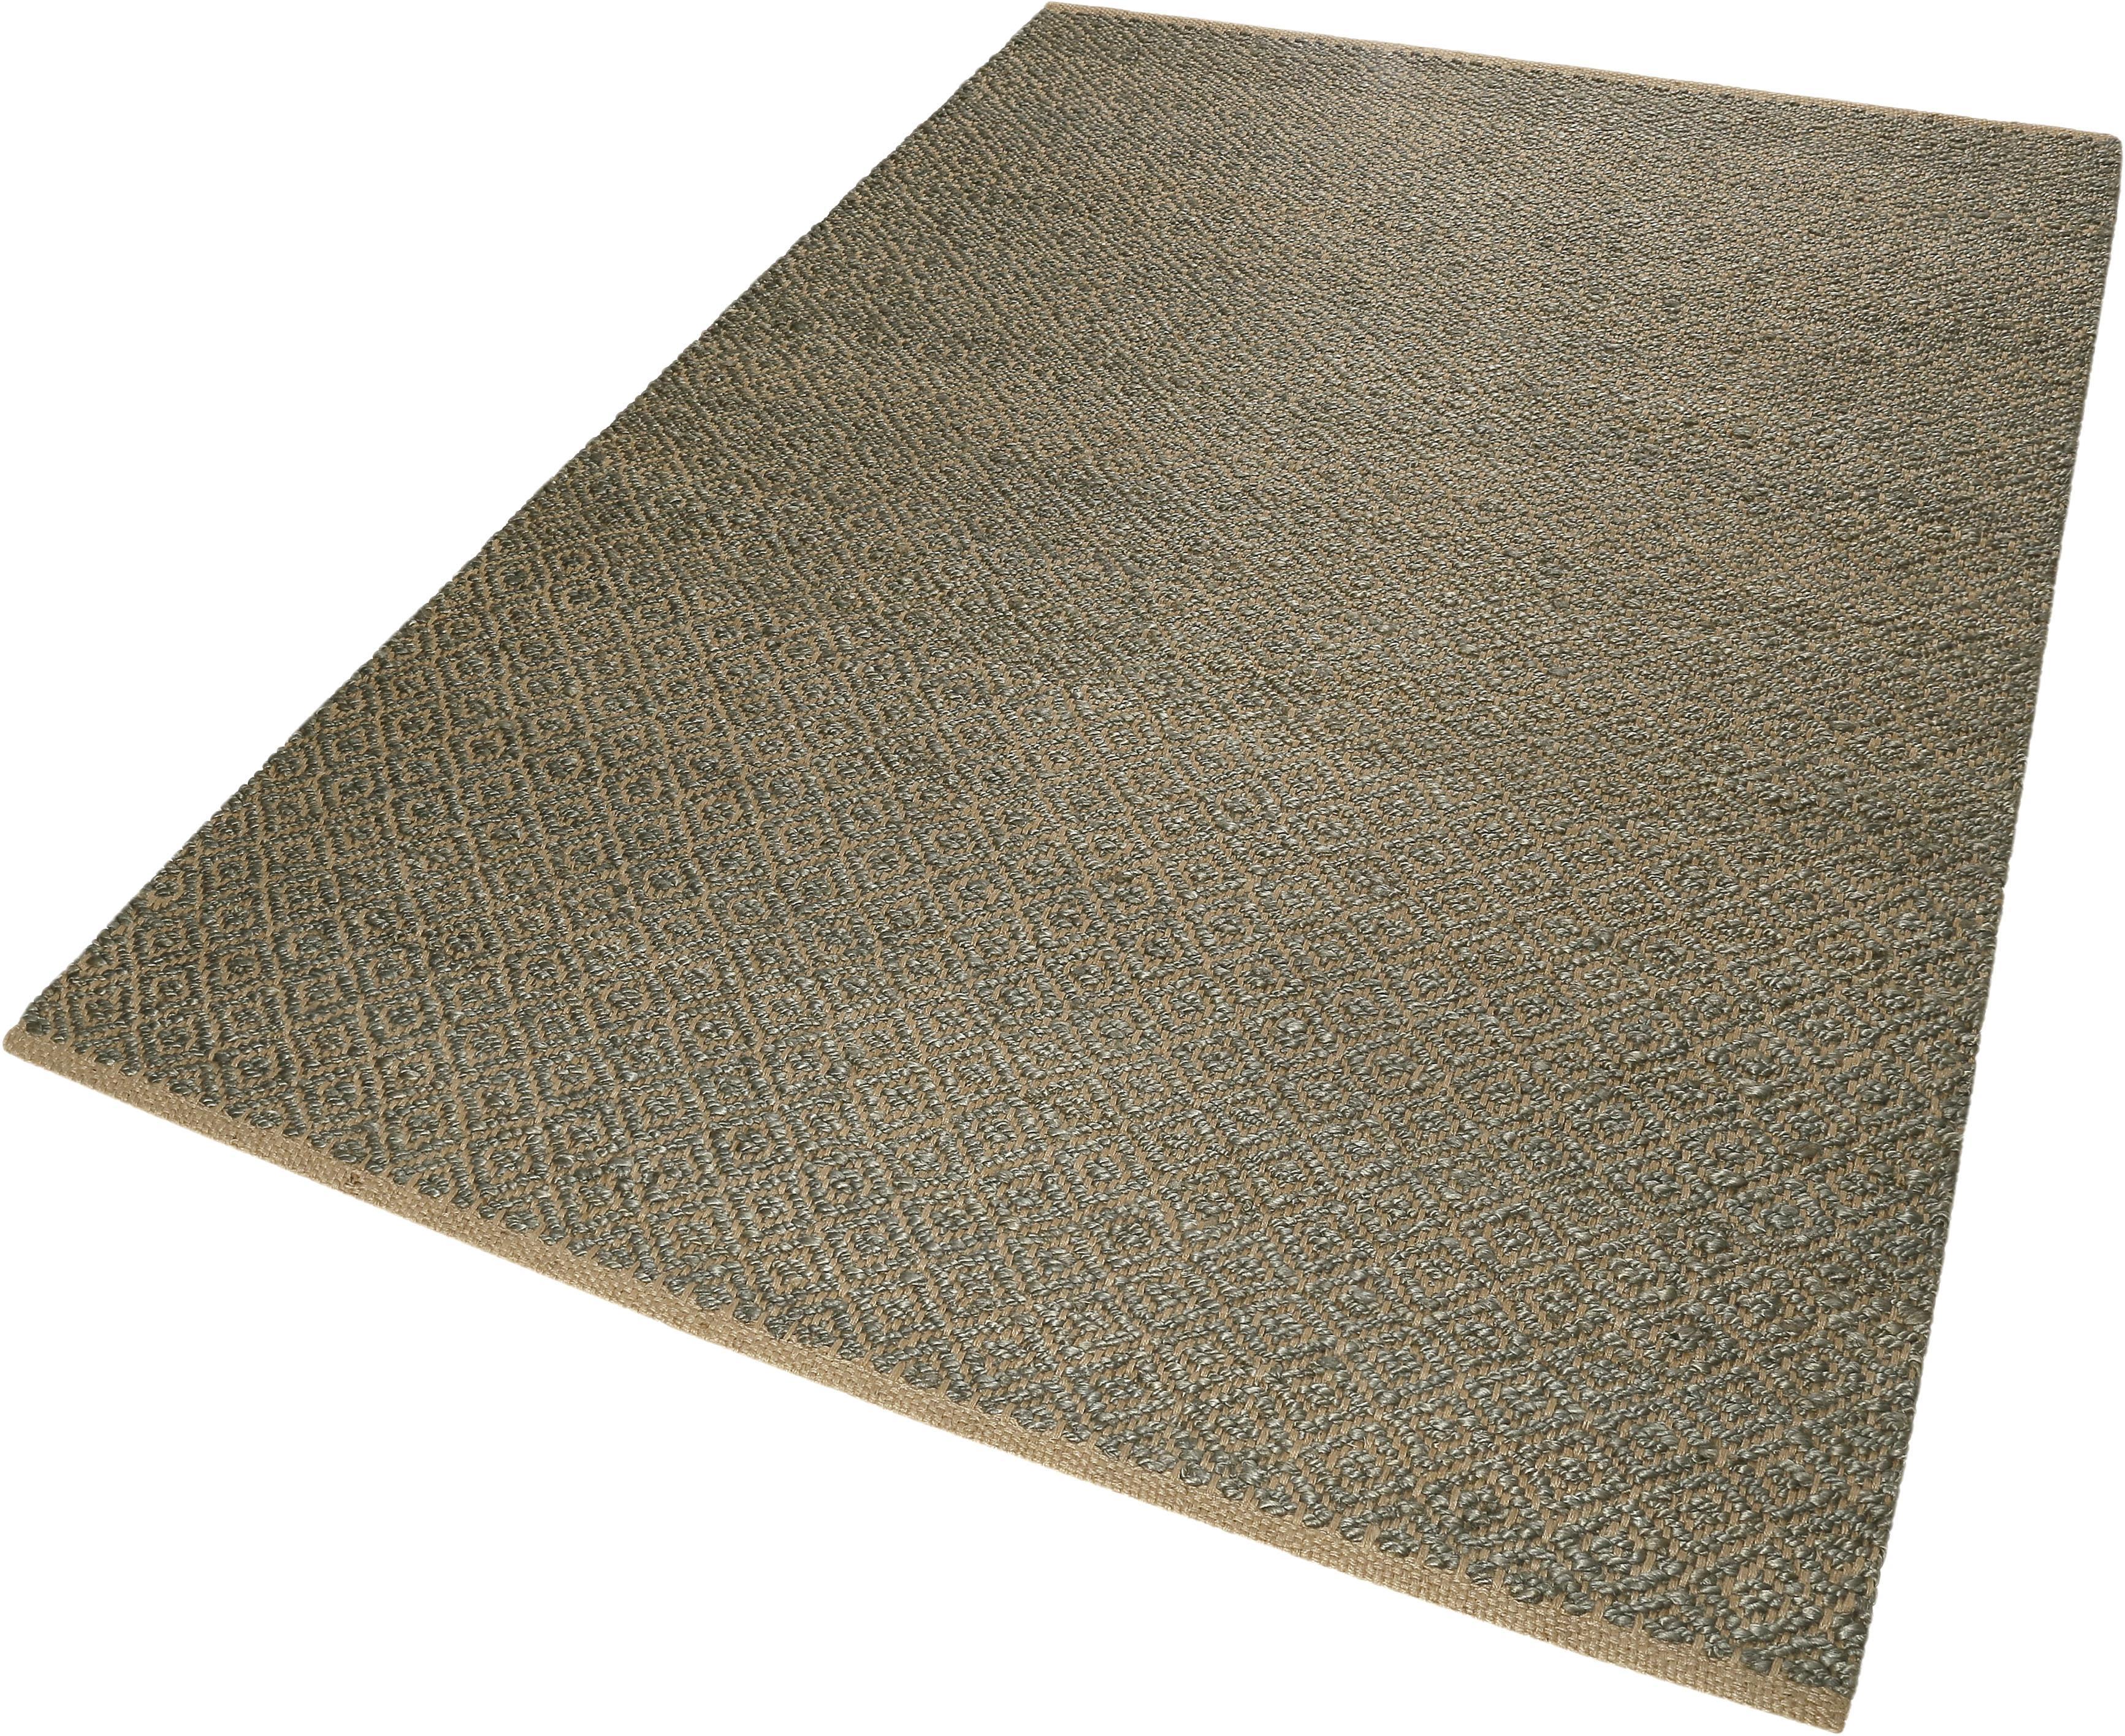 teppich braun trkis perfect teppich fr wohnzimmer erstaunlich gro genial runder teppich trkis. Black Bedroom Furniture Sets. Home Design Ideas